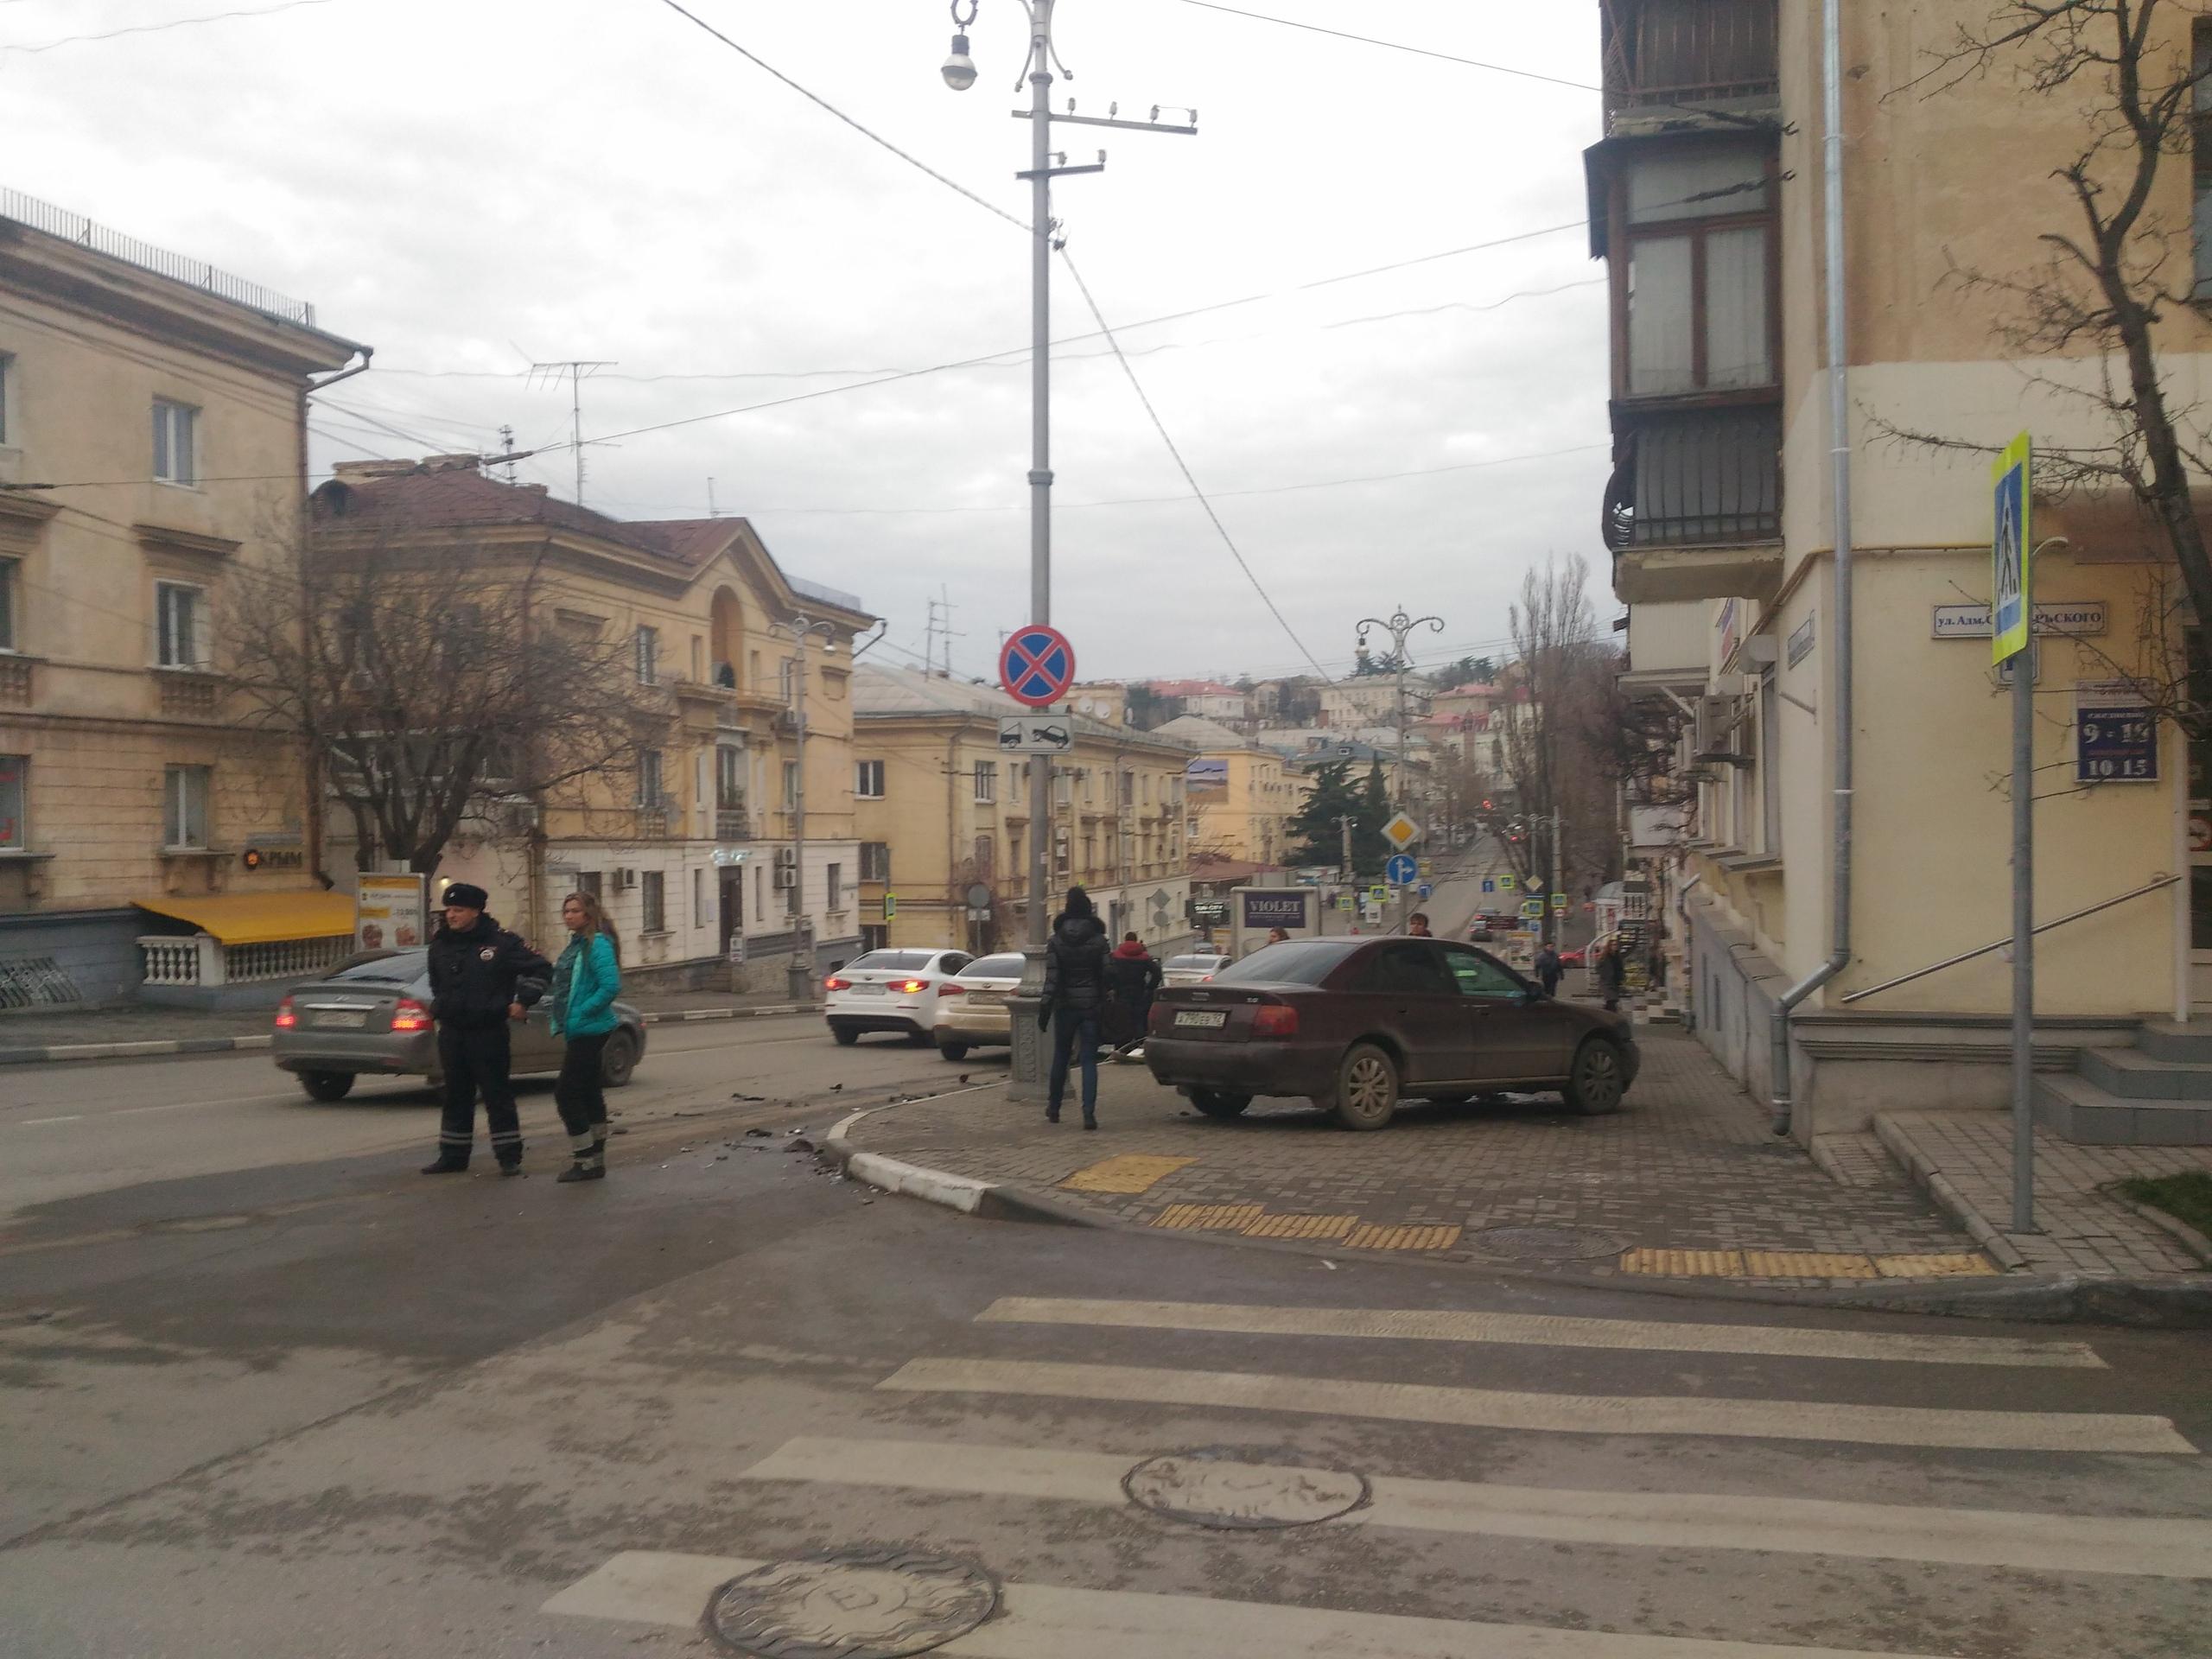 Дежавю: в Севастополе машина снова выскочила на злополучный тротуар